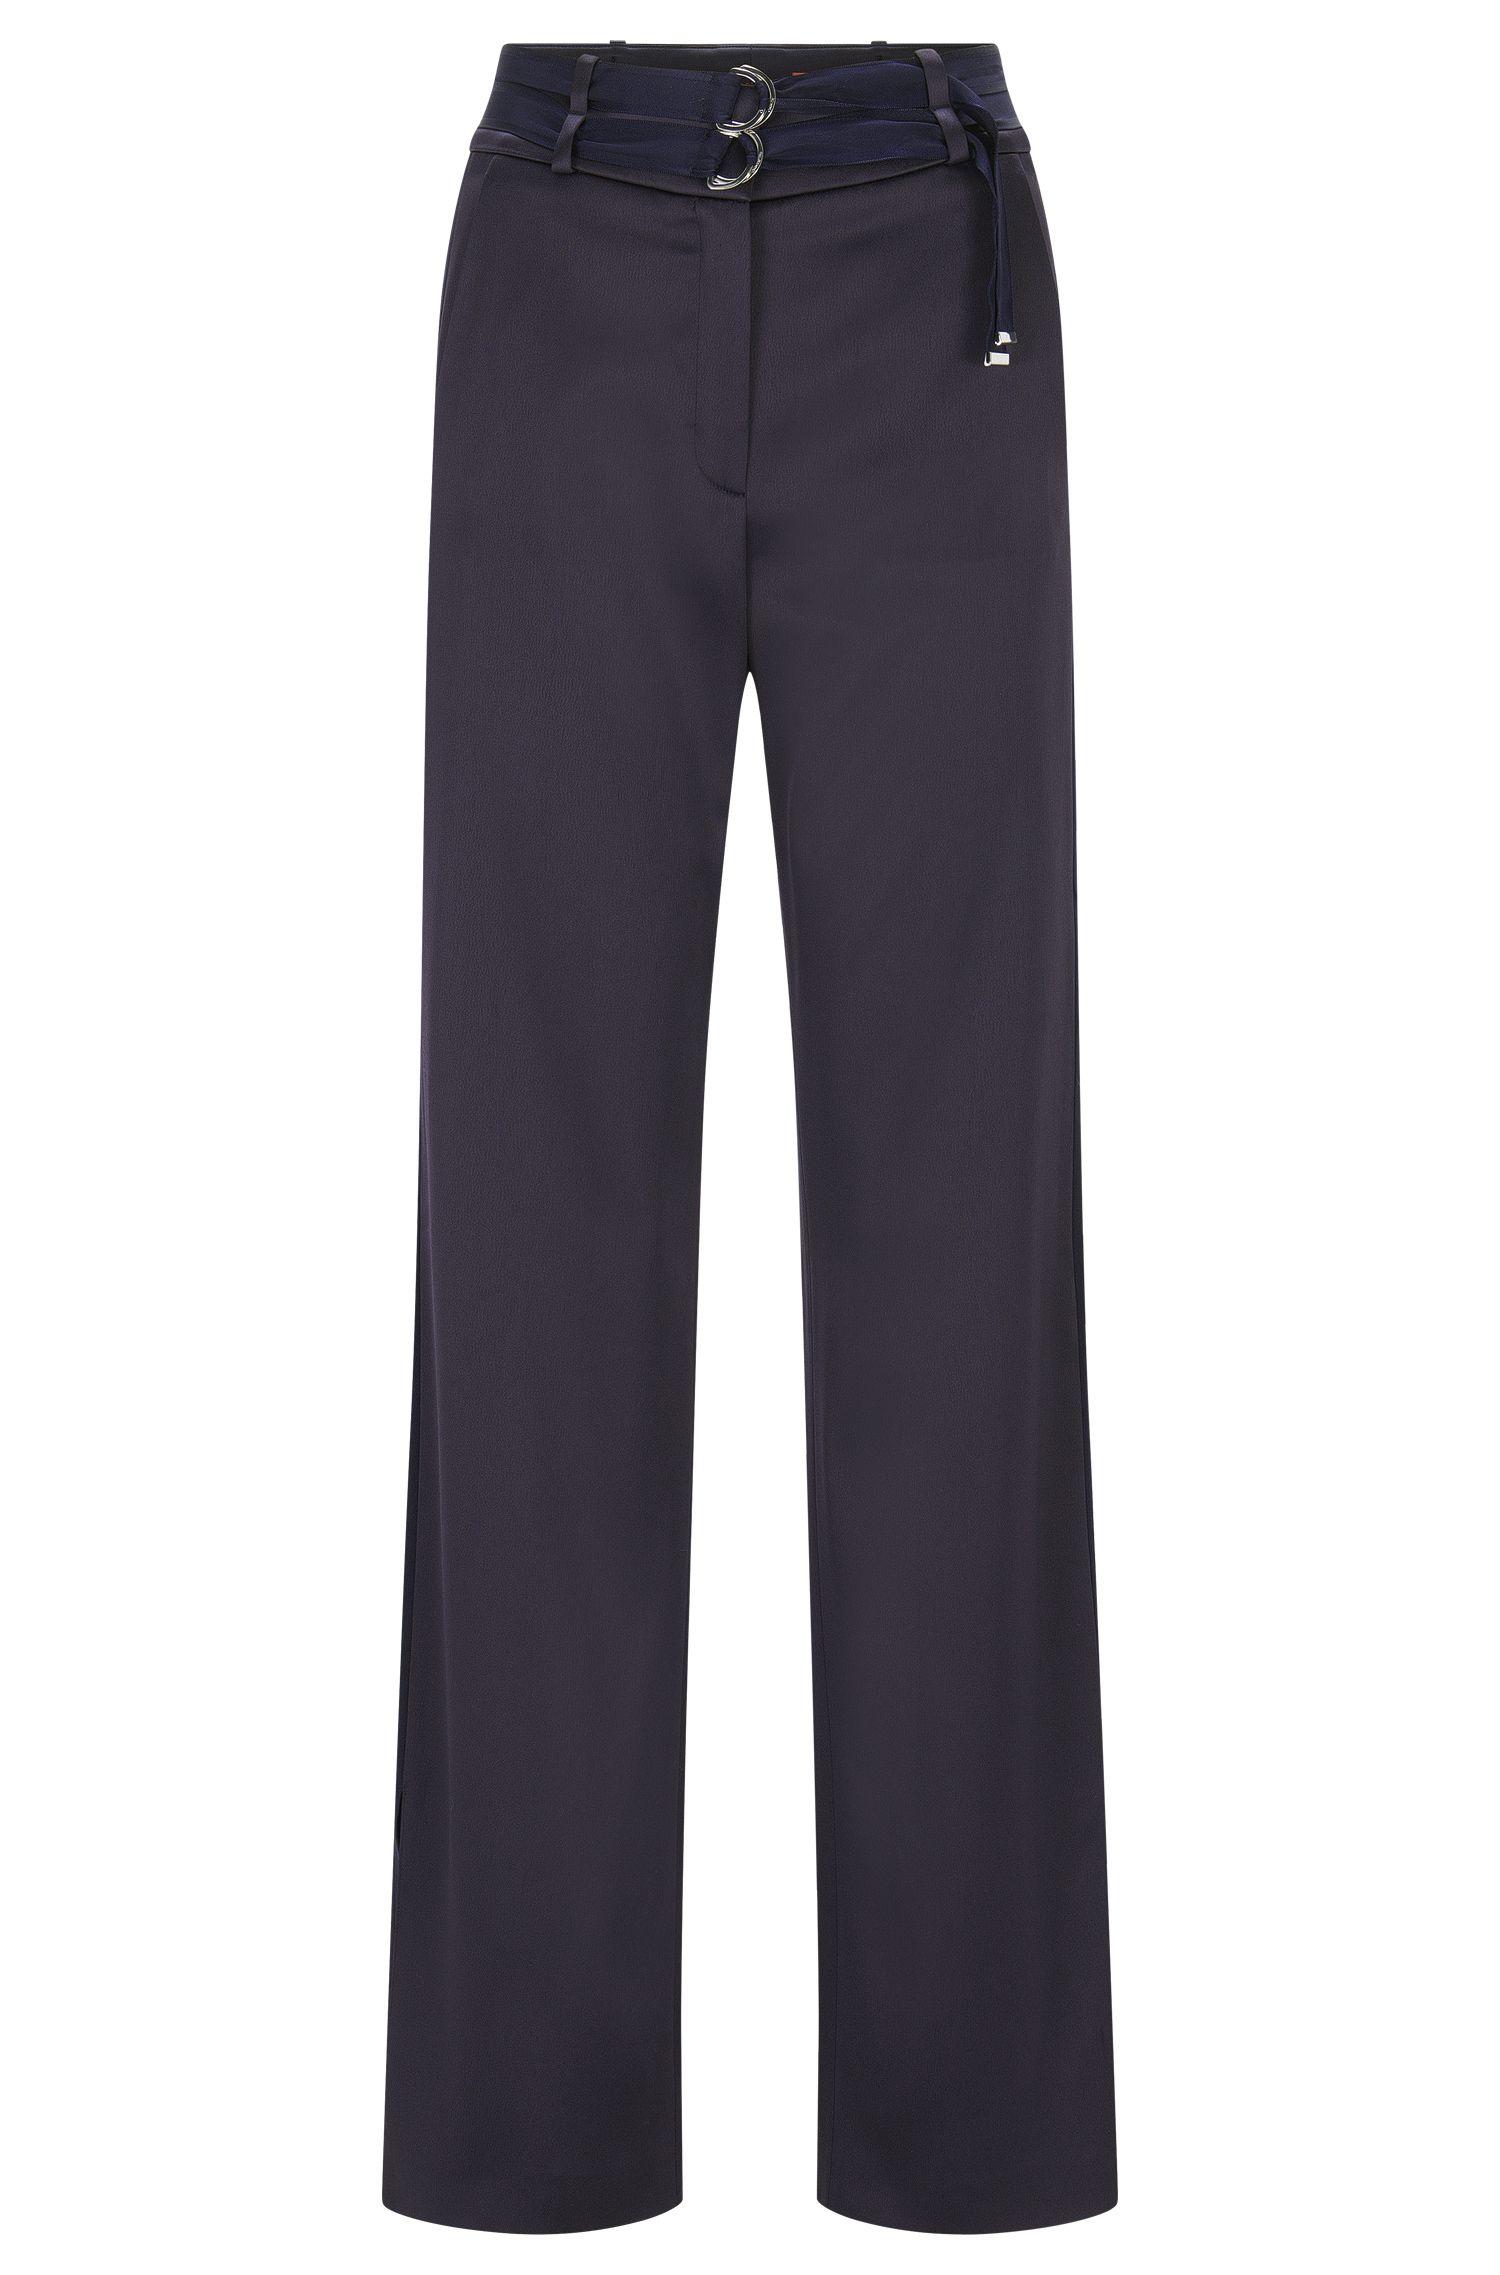 Pantalón relaxed fit con detalle de cinturón doble